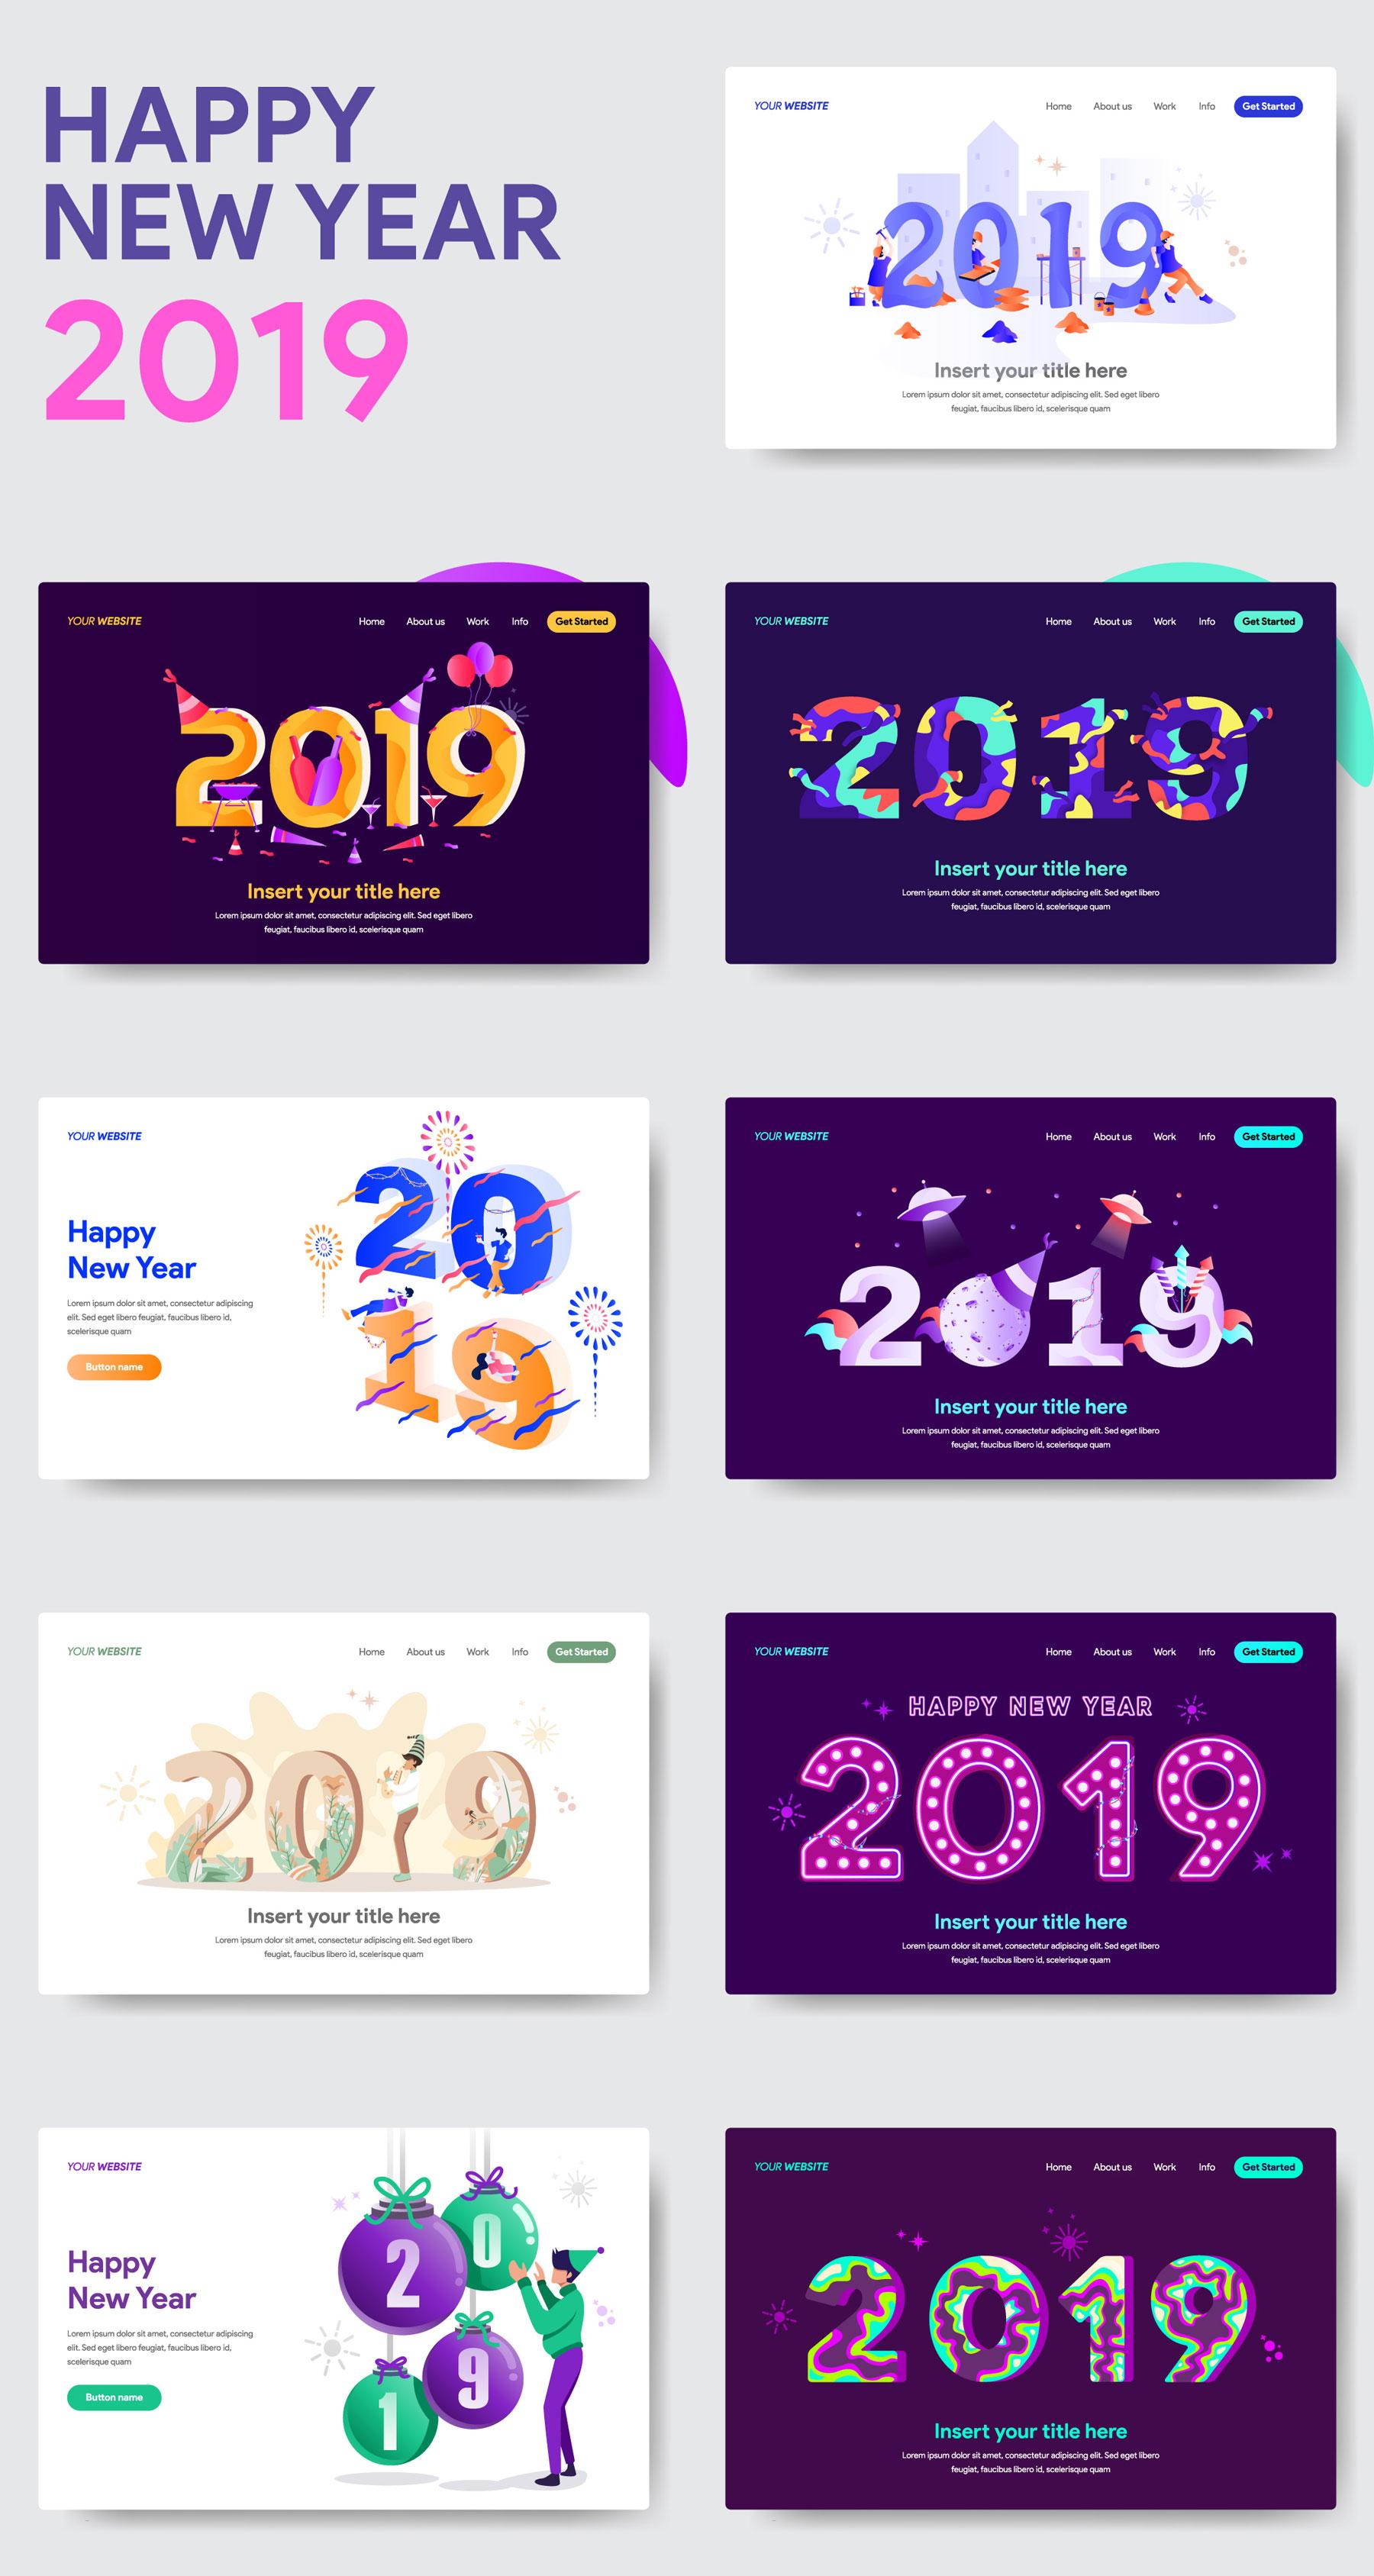 网站页面设计2019新年矢量概念插图素材 2019 New Year Illustrations插图(5)